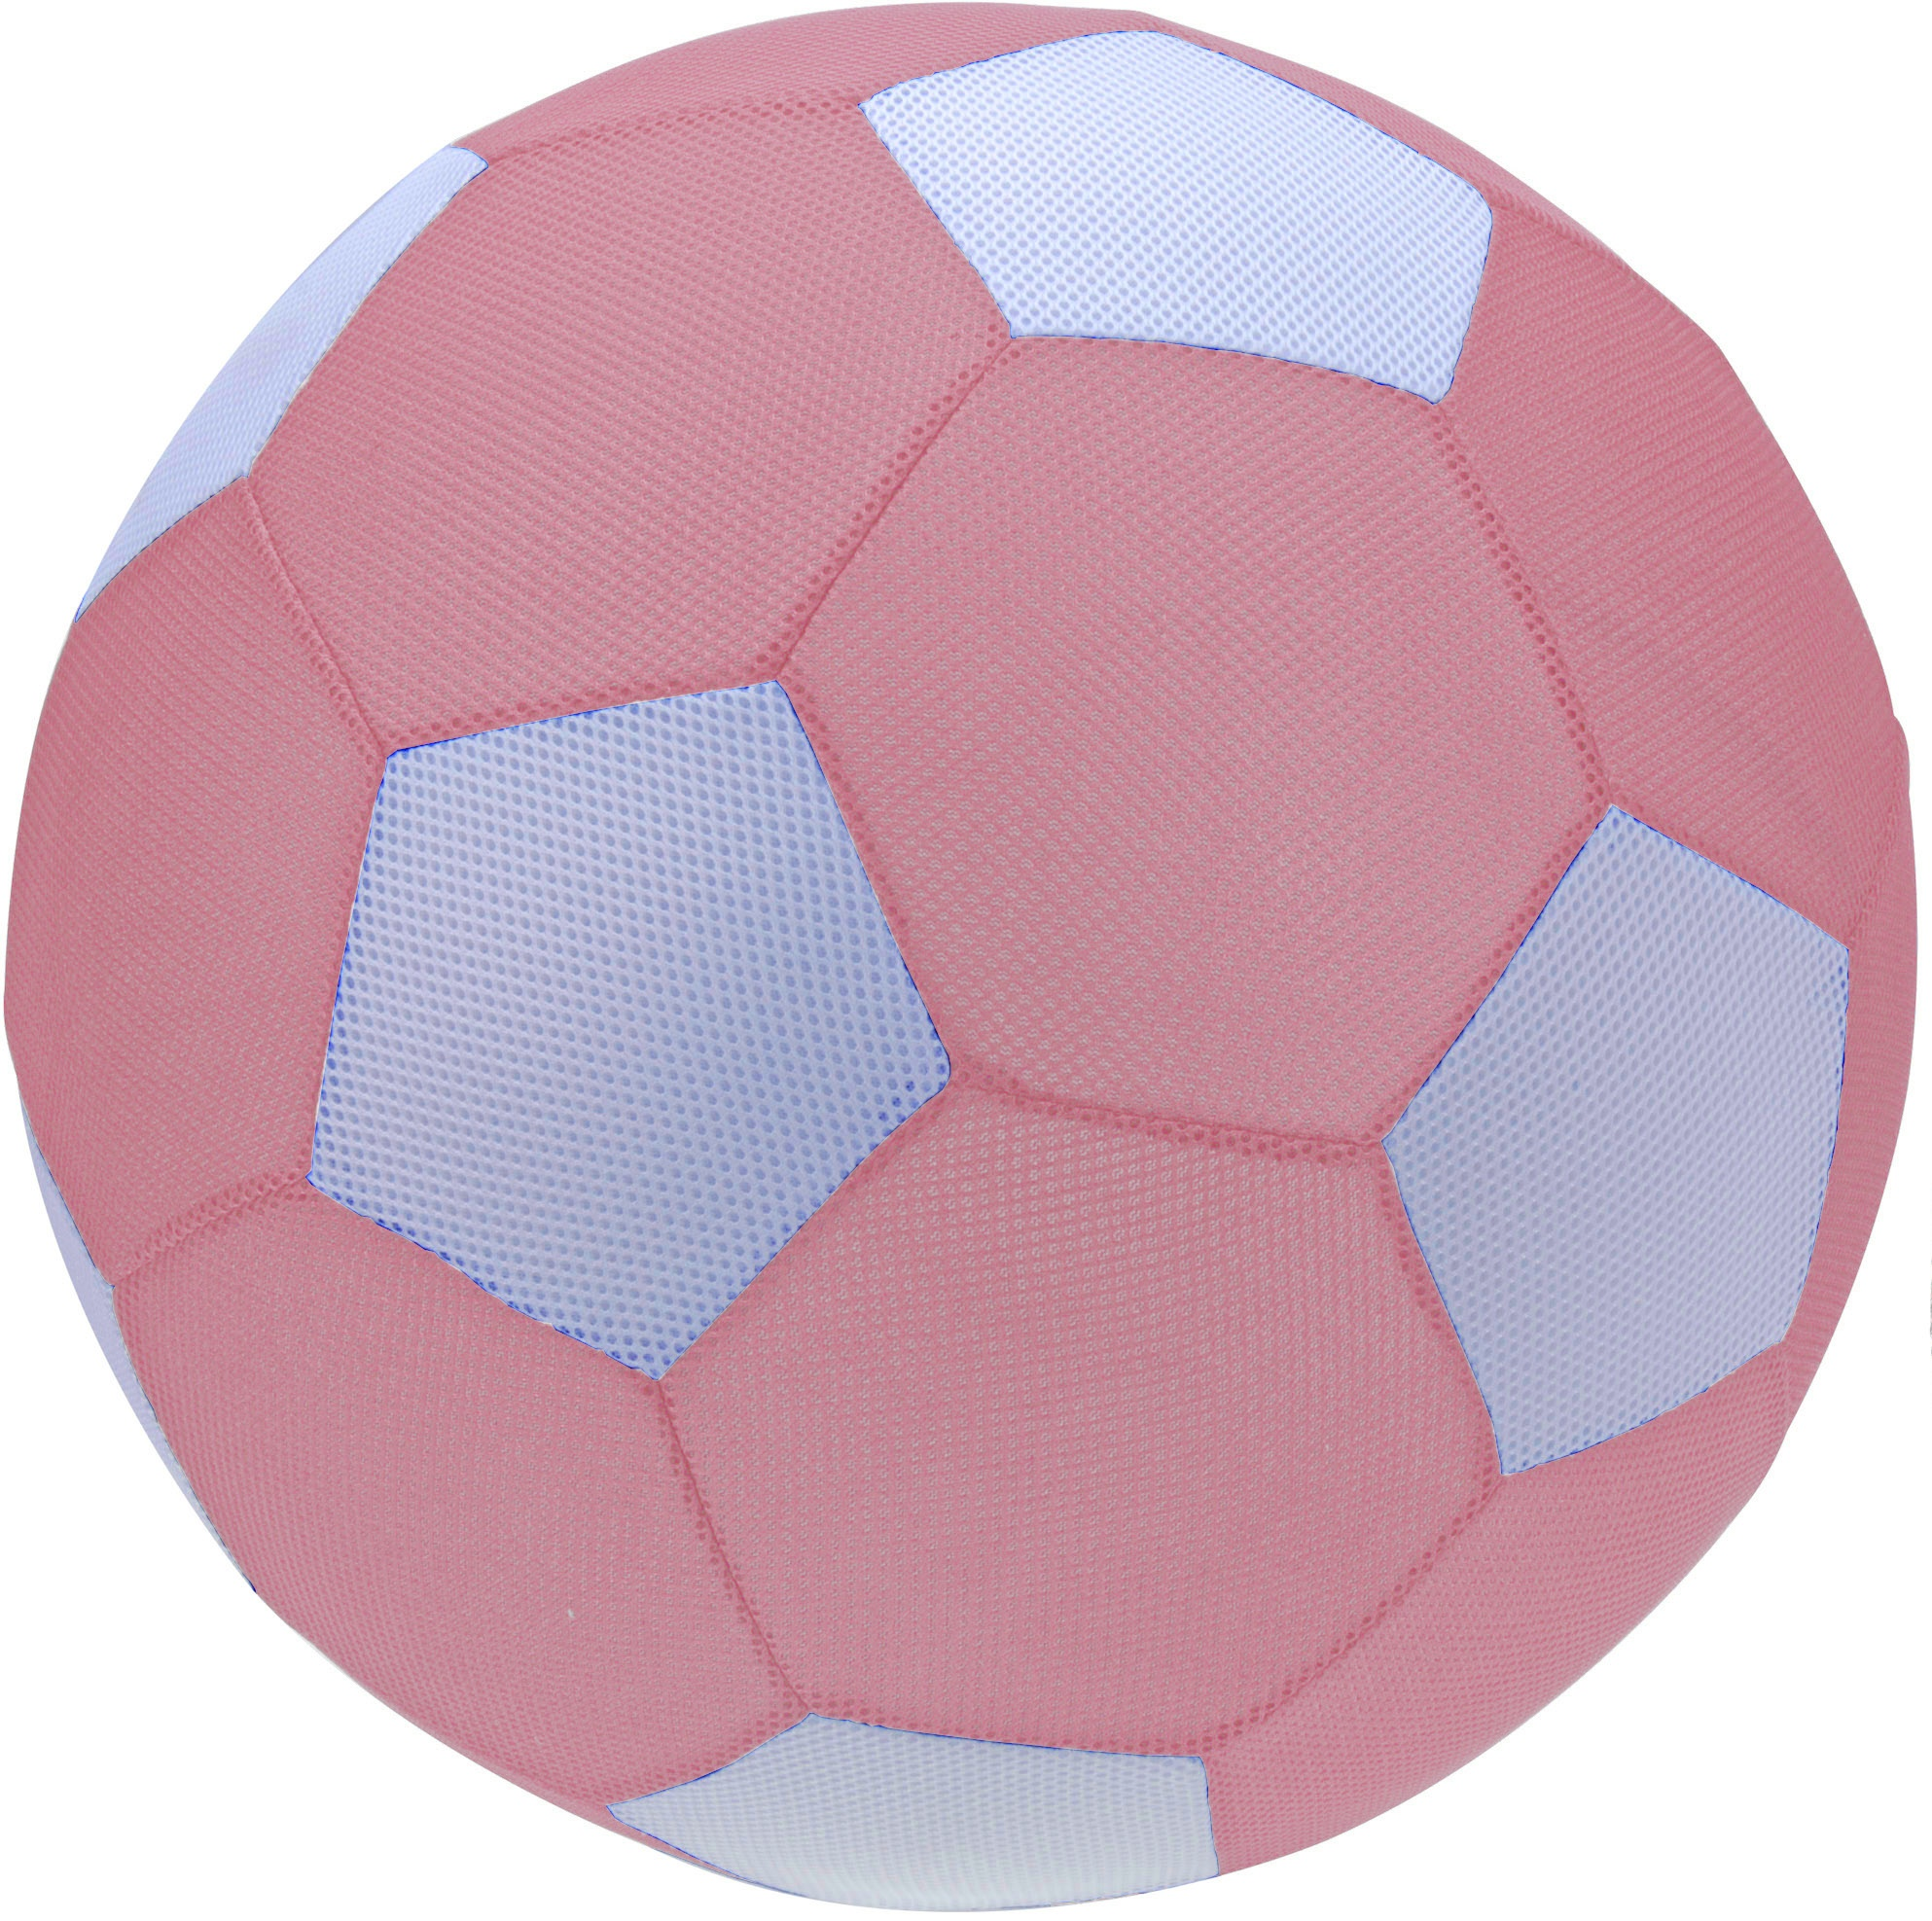 Spielzeug Fussball Netz Pink 30 Cm